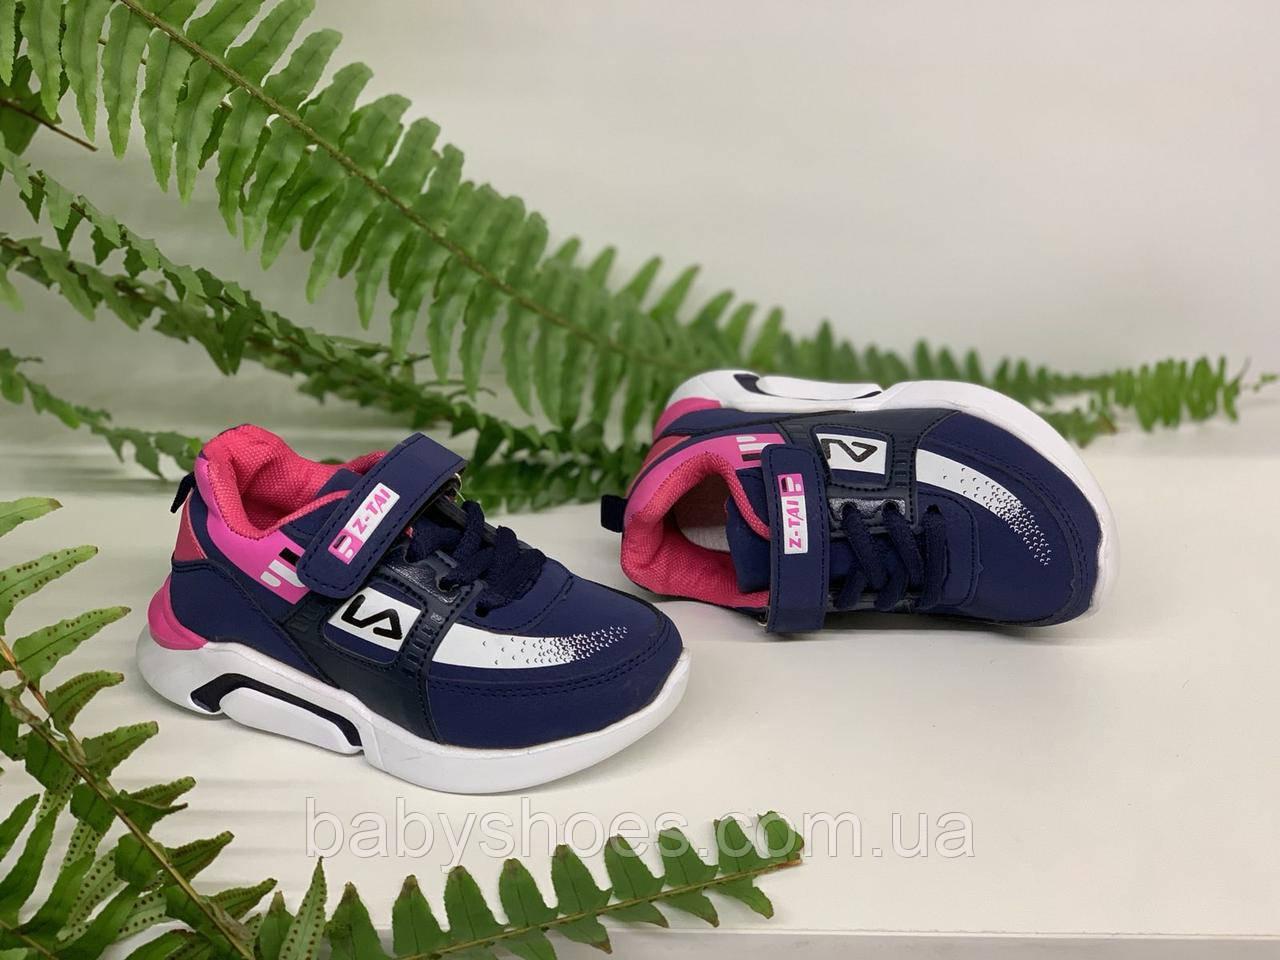 Кроссовки для девочки  СВТ.Т  р.26-31  КД-201 СВТ